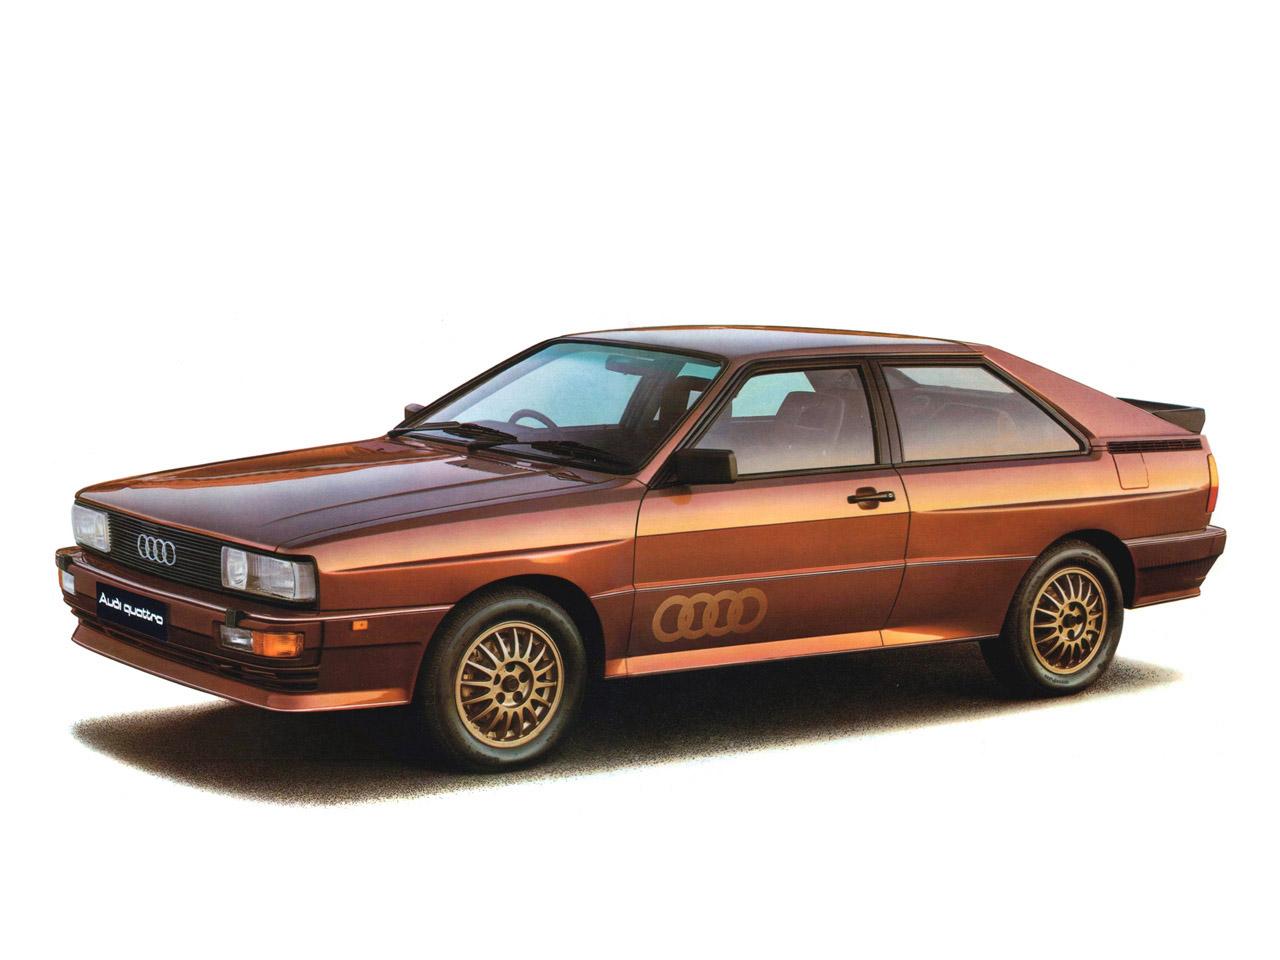 audi quattro 1980 1987 audi quattro 1980 1987 photo 15 car in pictures car photo gallery. Black Bedroom Furniture Sets. Home Design Ideas